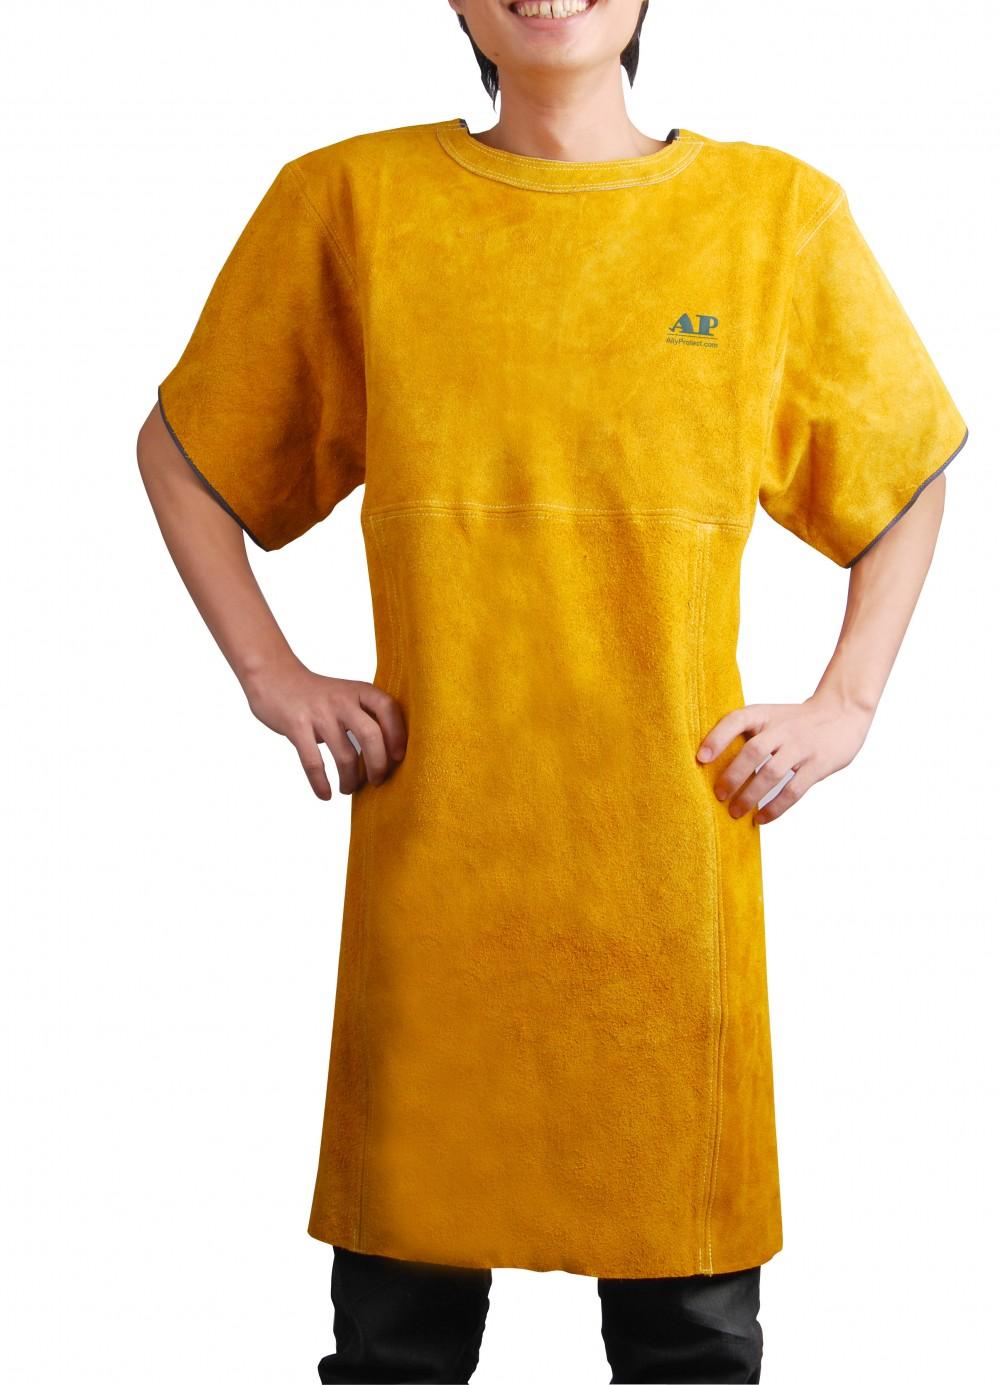 AP-6102友盟金黄色芯皮短袖电焊围裙